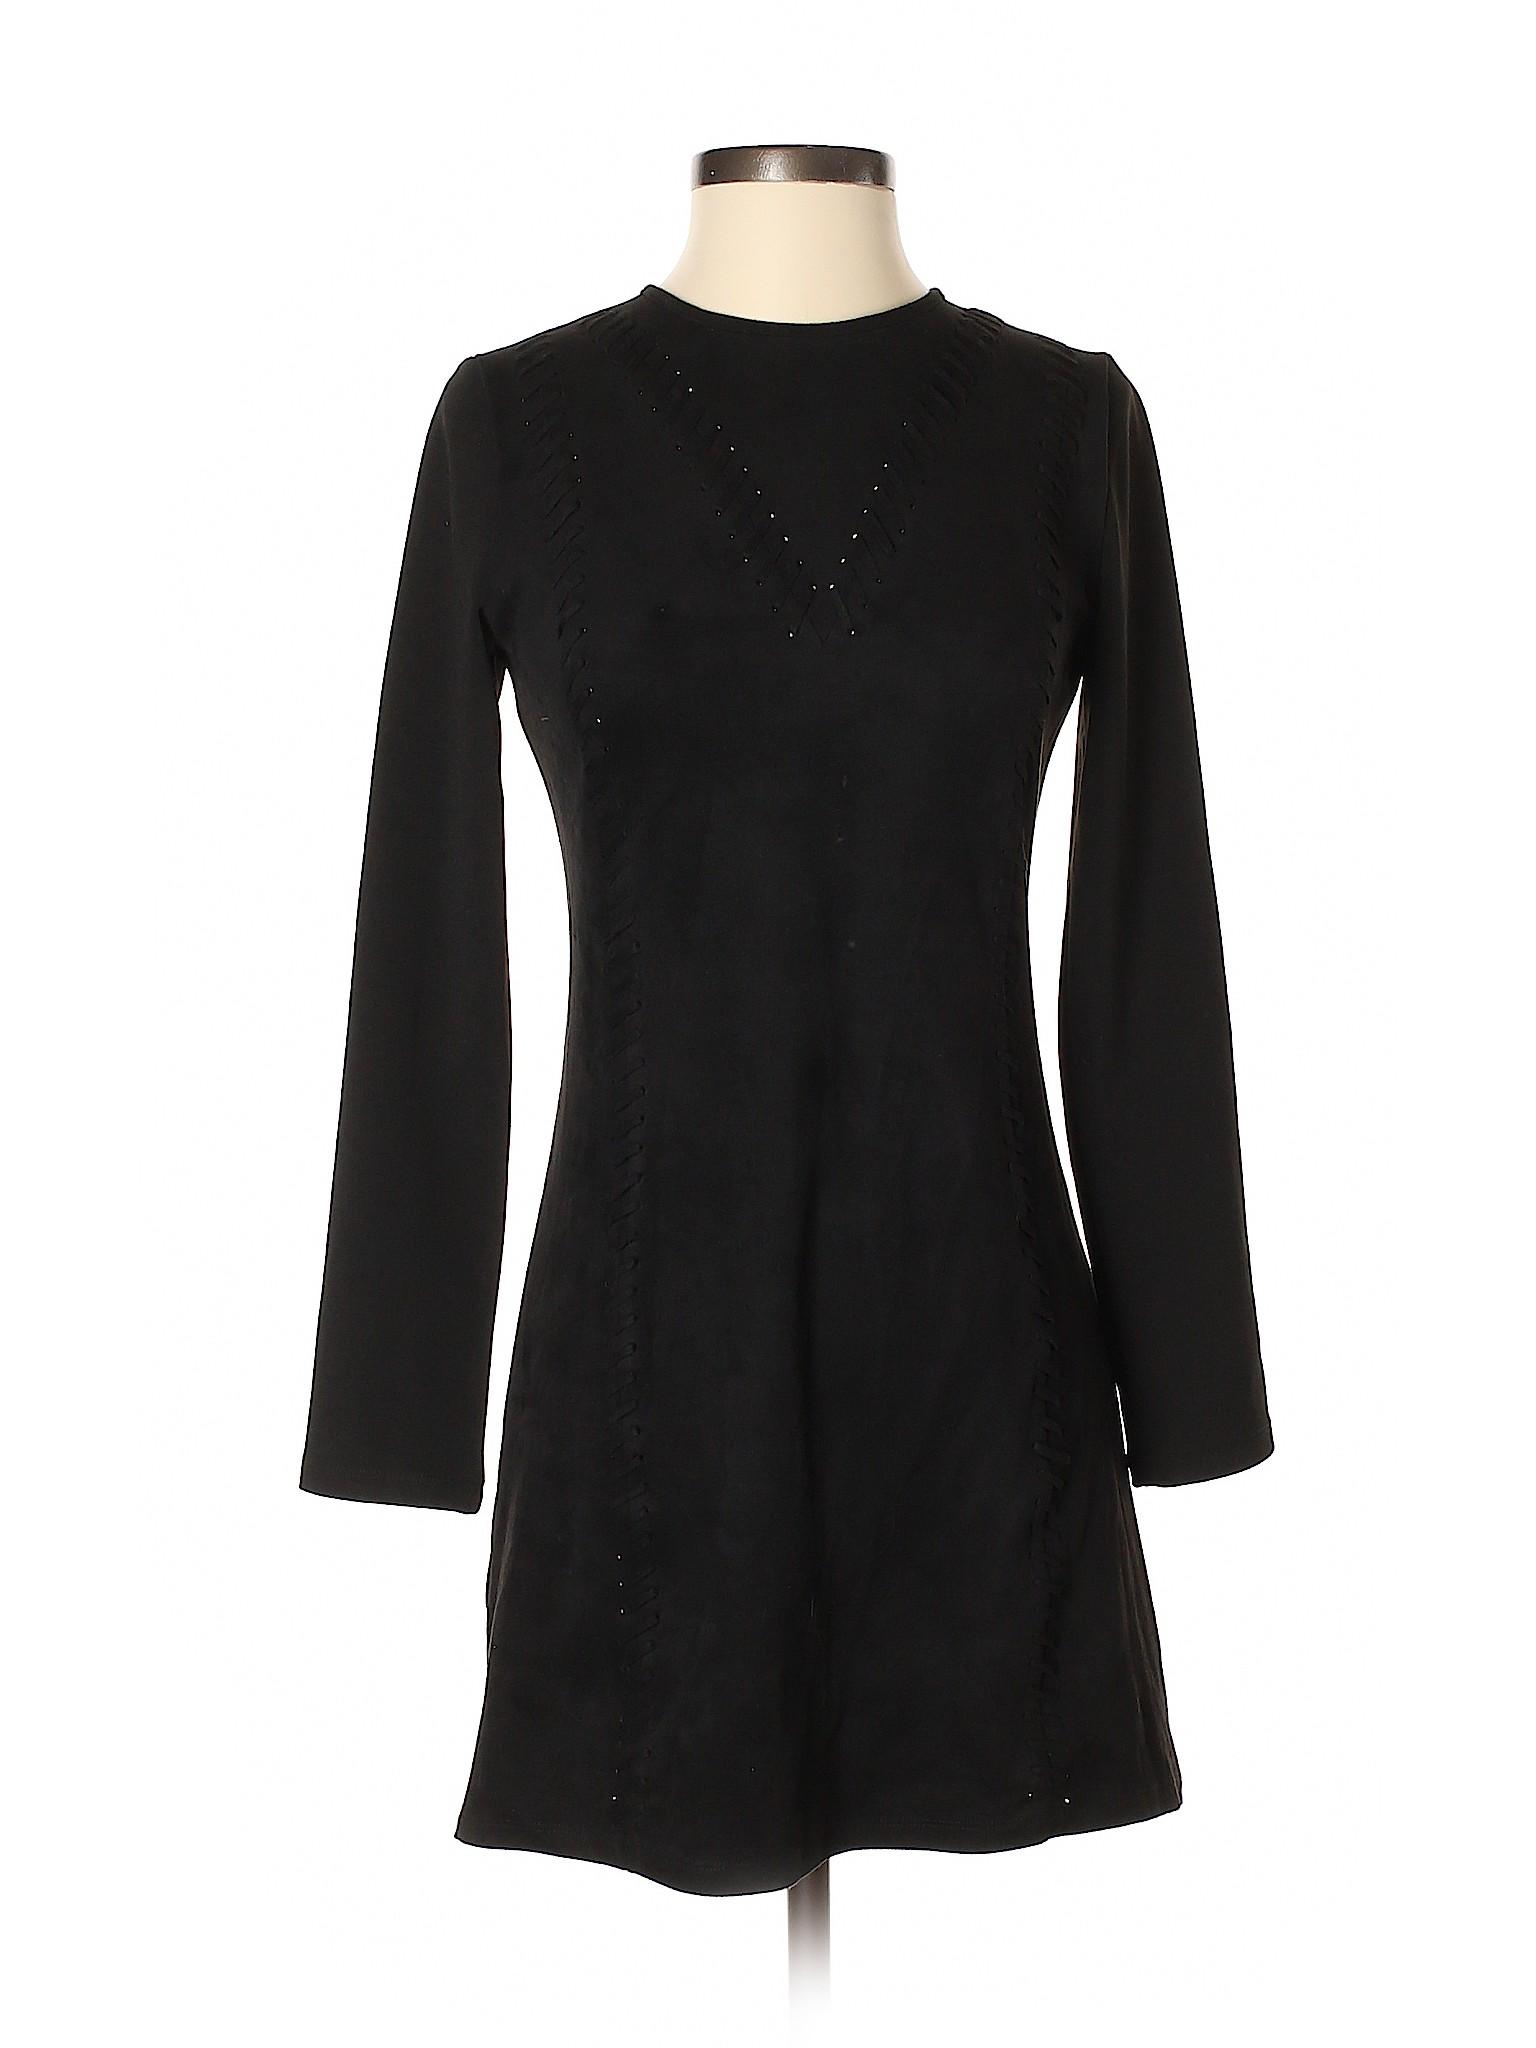 fab87665975 Gianni Bini Women Black Casual Dress Xs